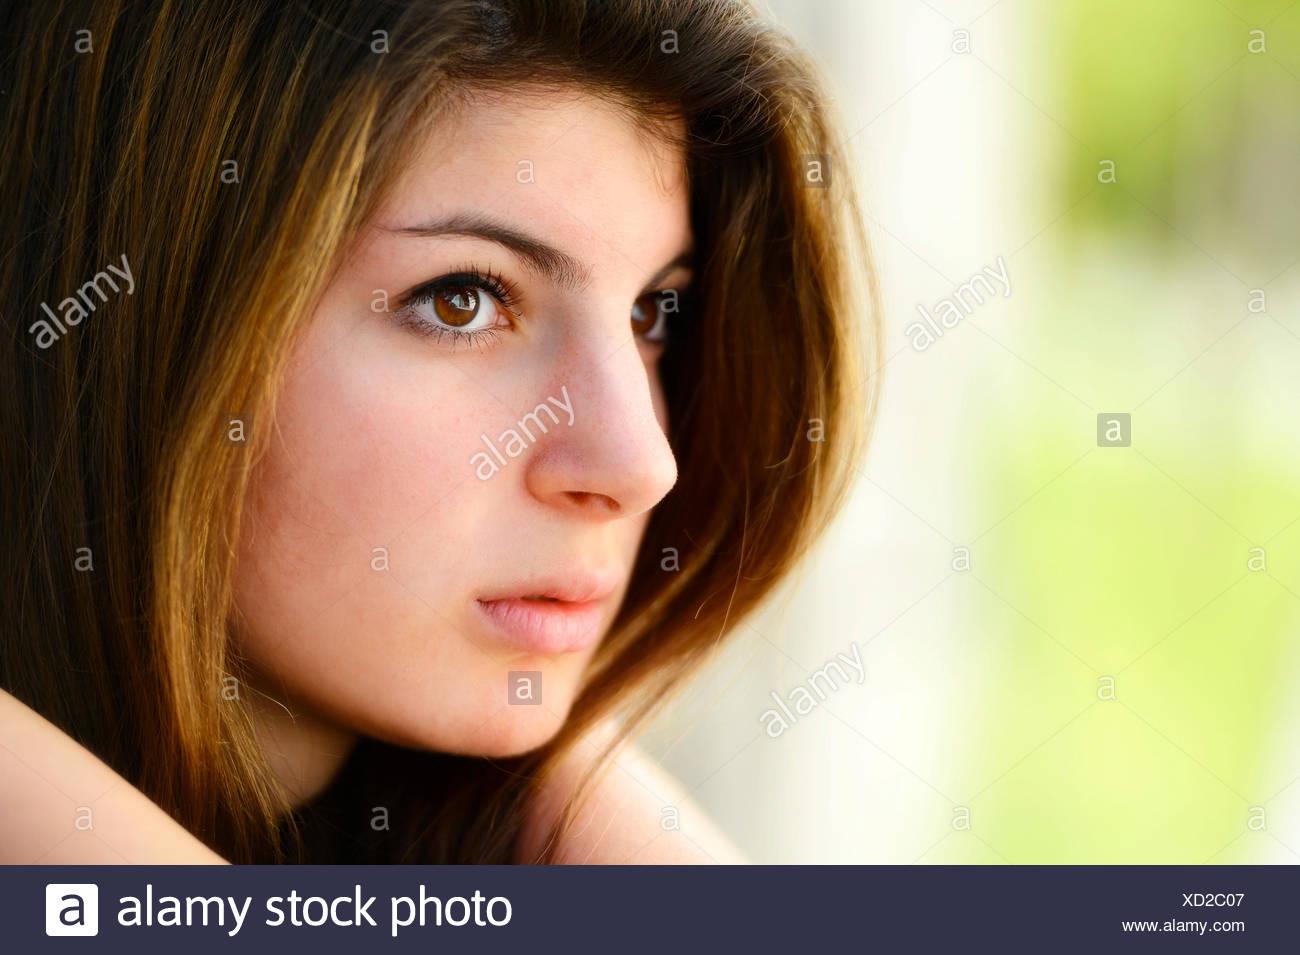 Girl, 15 years, portrait - Stock Image